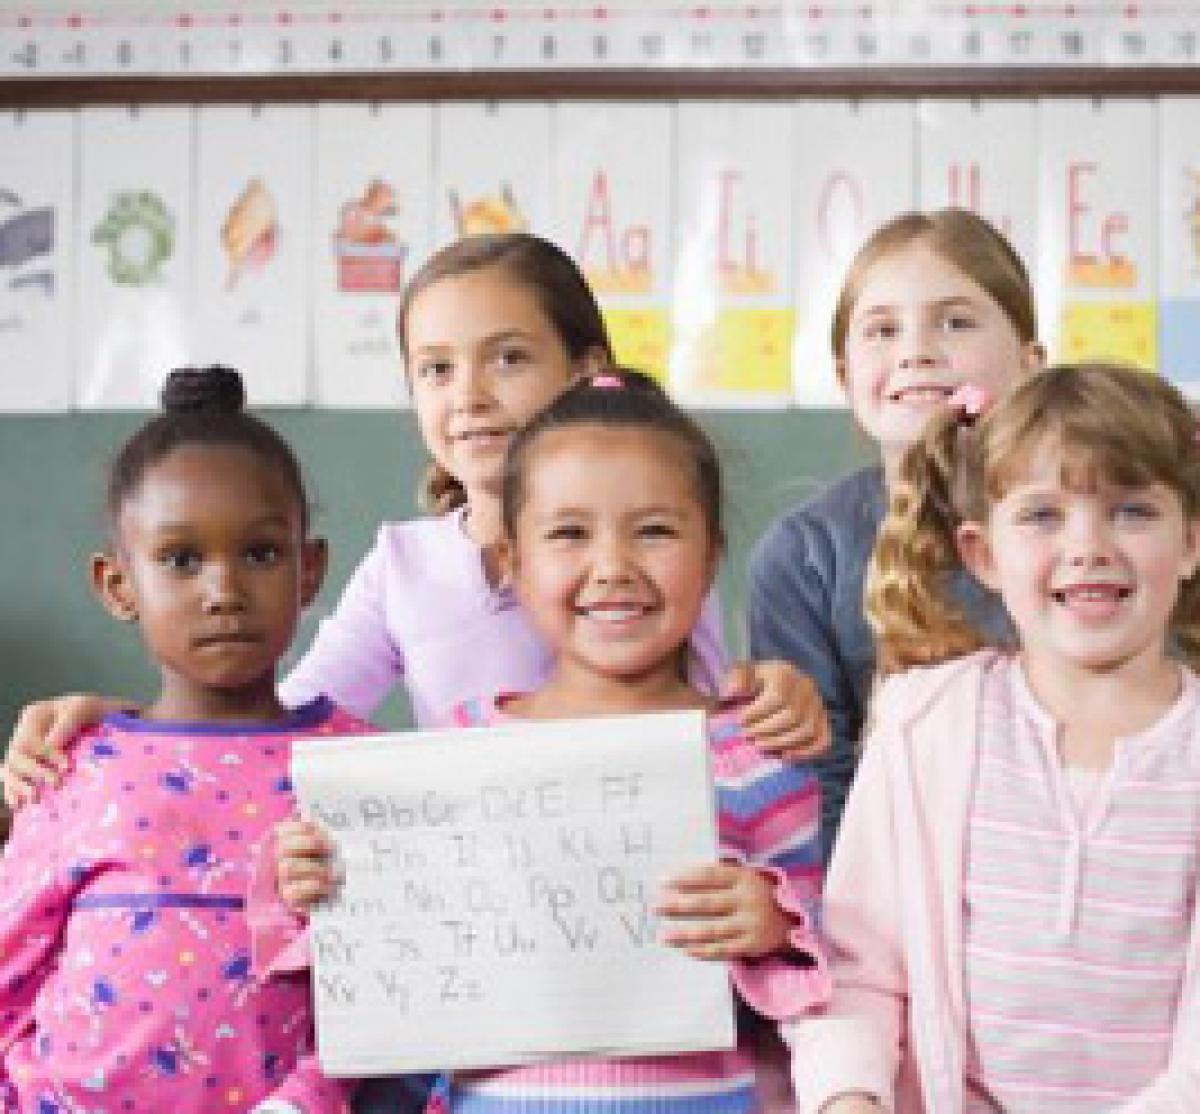 Τα πιο συχνά προβλήματα λόγου και ομιλίας σε παιδιά σχολικής ηλικίας